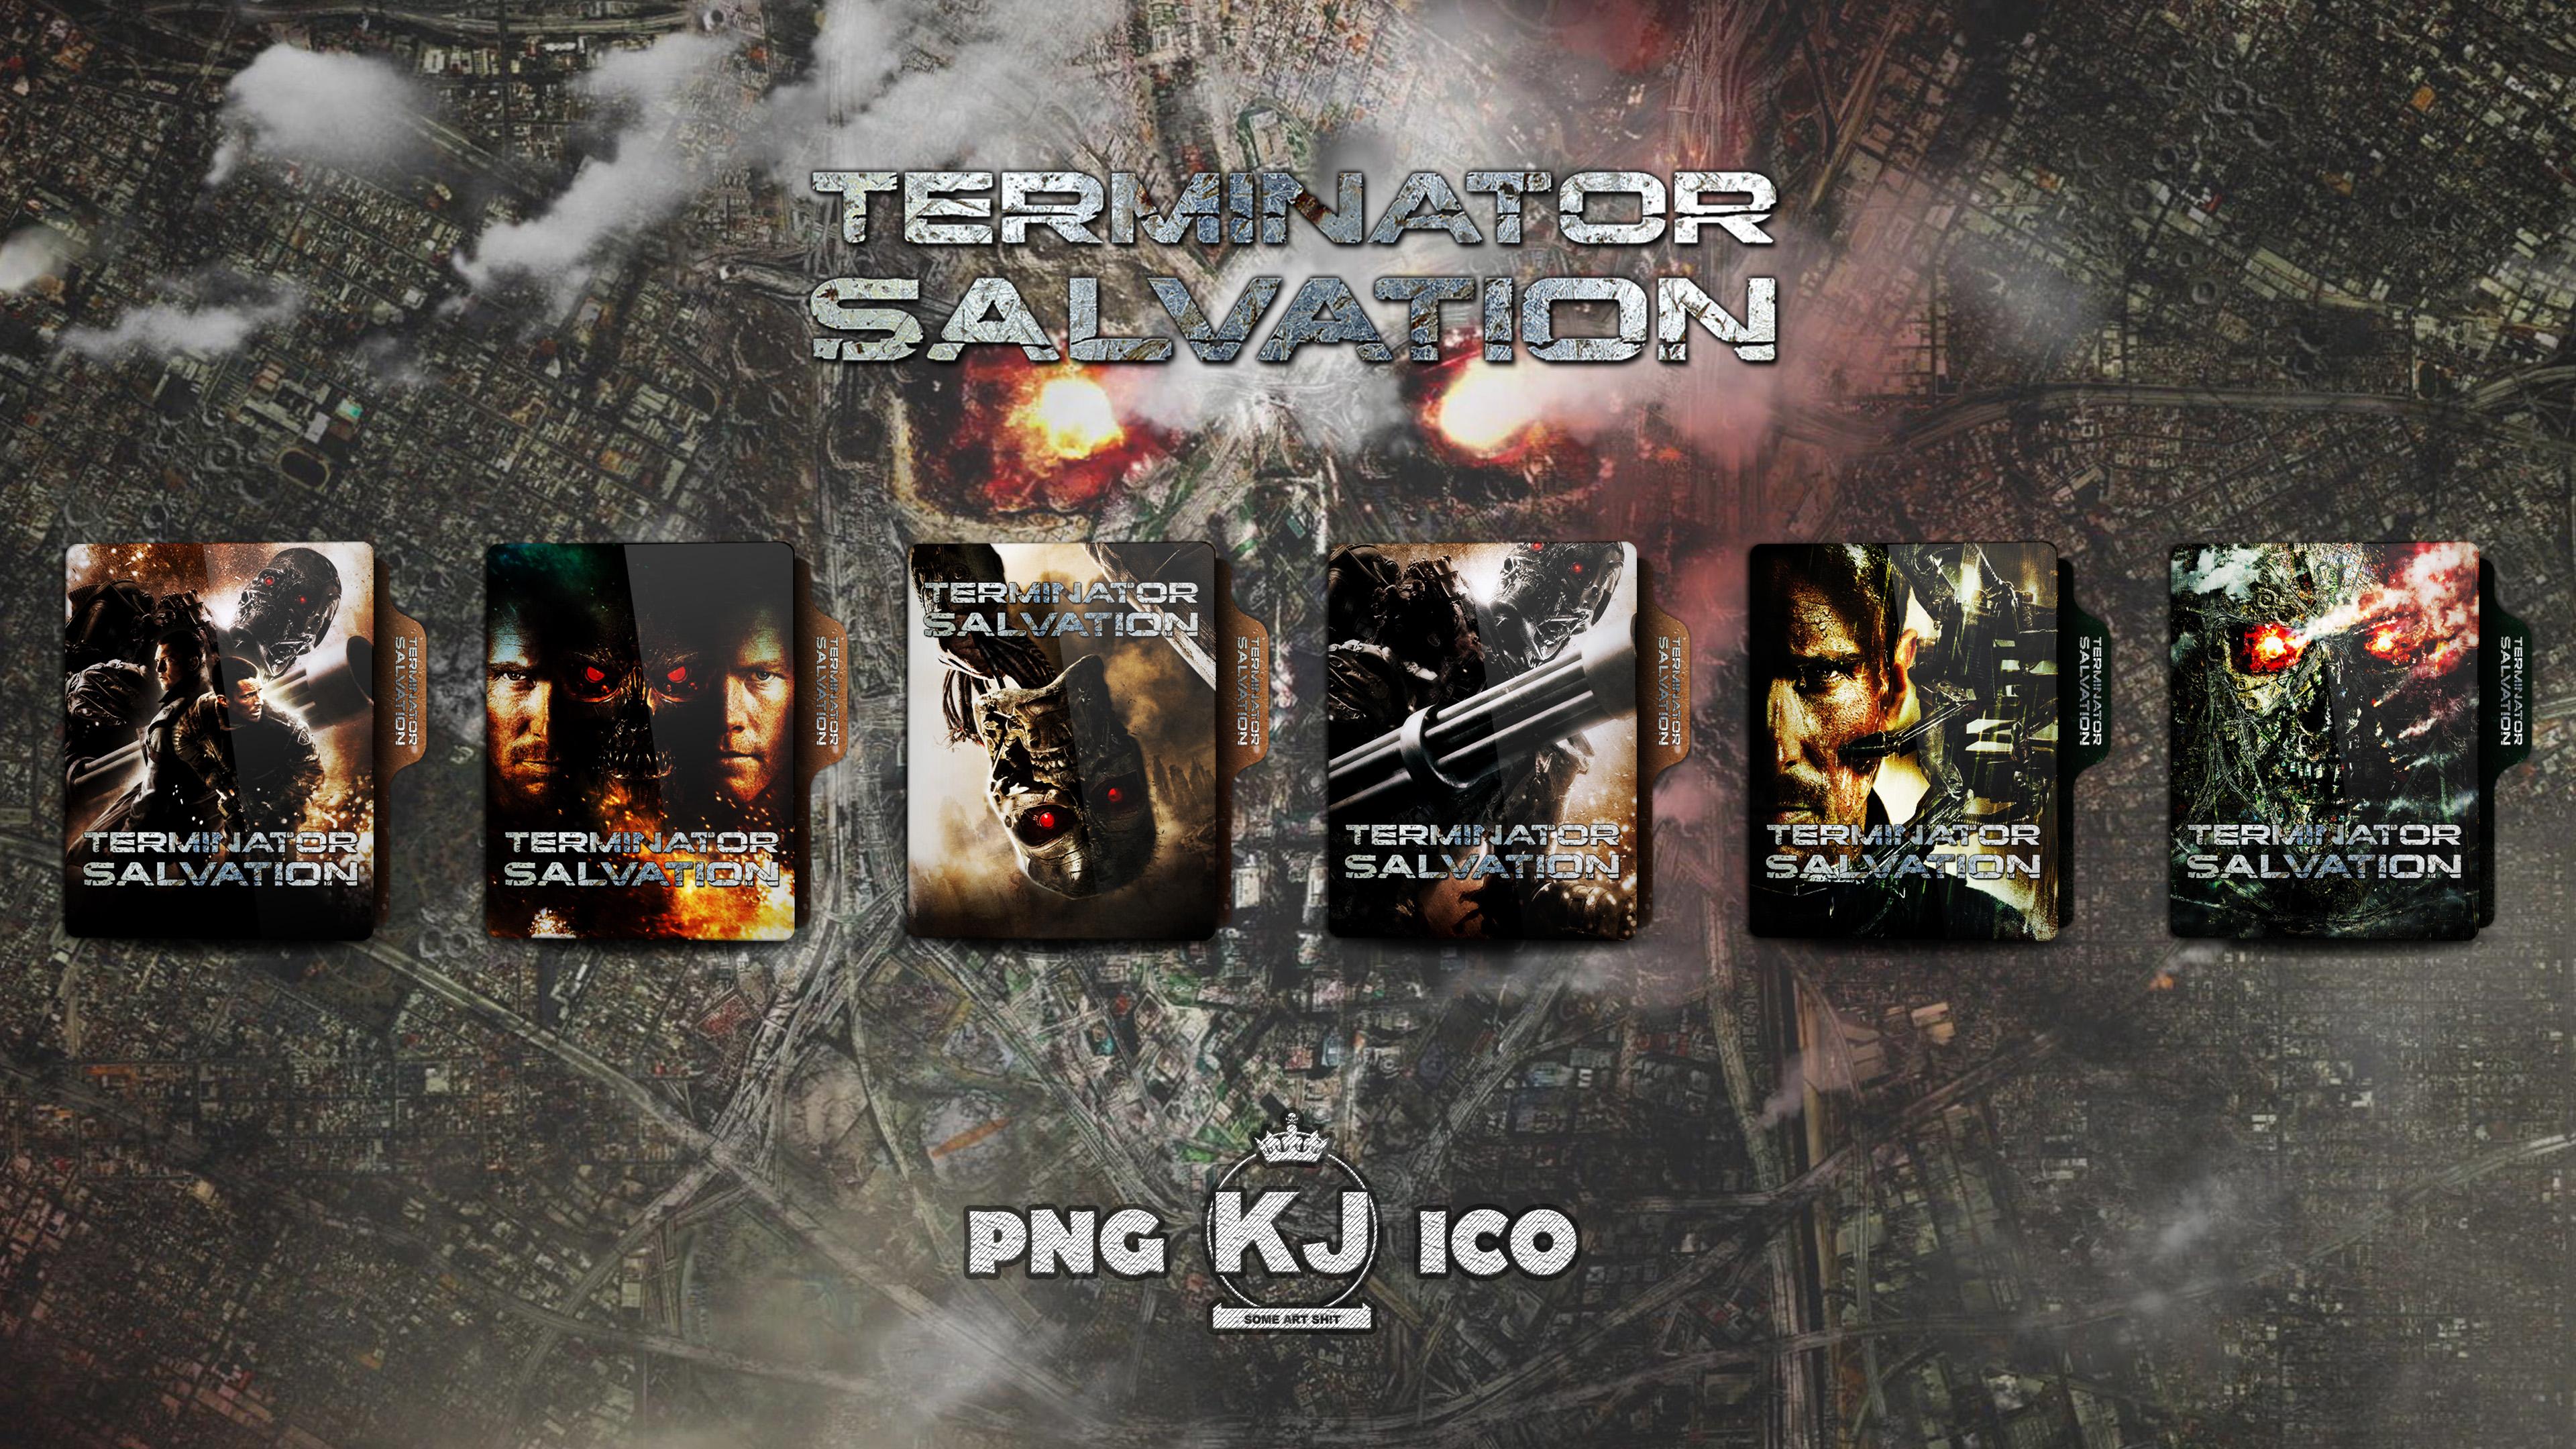 Terminator Salvation 2009 Folder Icon By Kingjoe93 On Deviantart